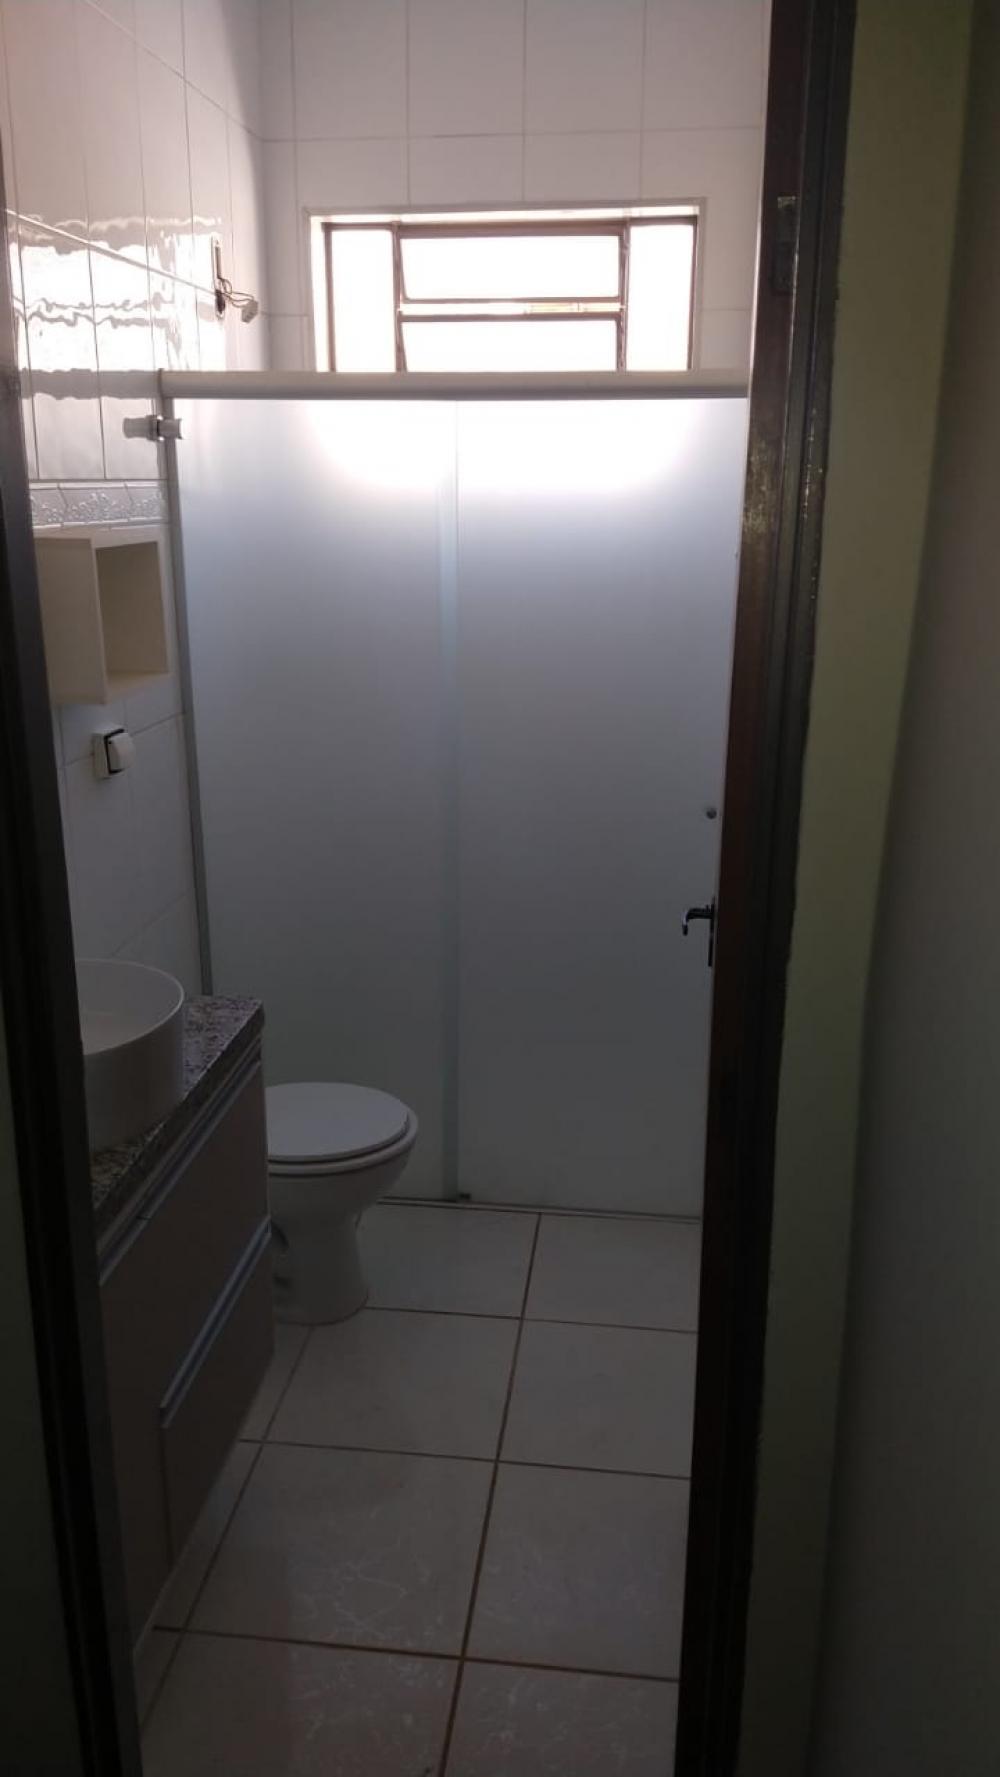 Comprar Apartamento / Padrão em Ribeirão Preto R$ 160.000,00 - Foto 12